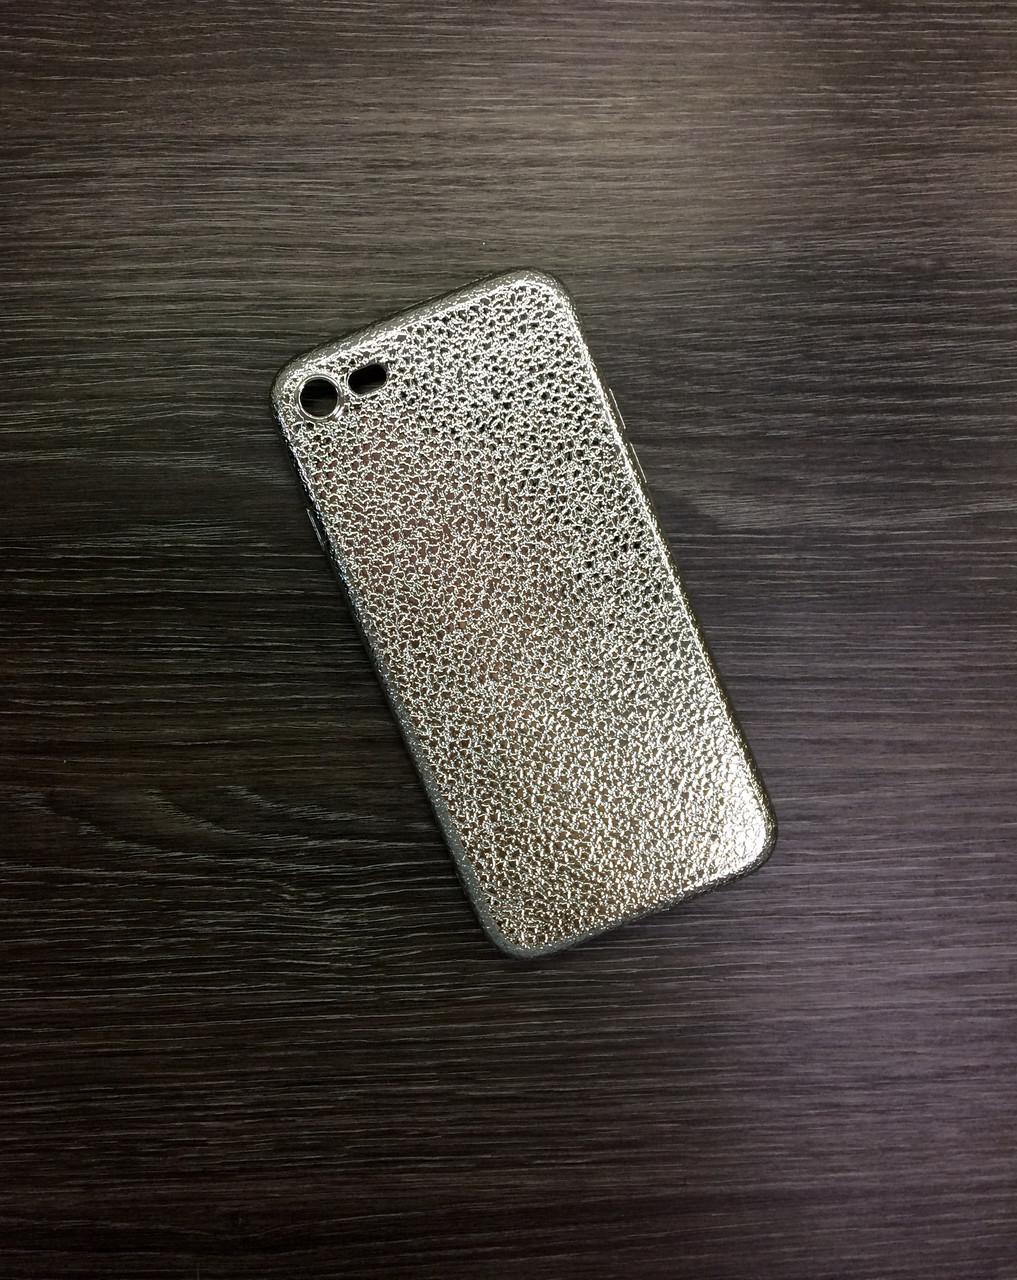 Силиконовый чехол для iPhone 6 / 6S Серебро под кожу